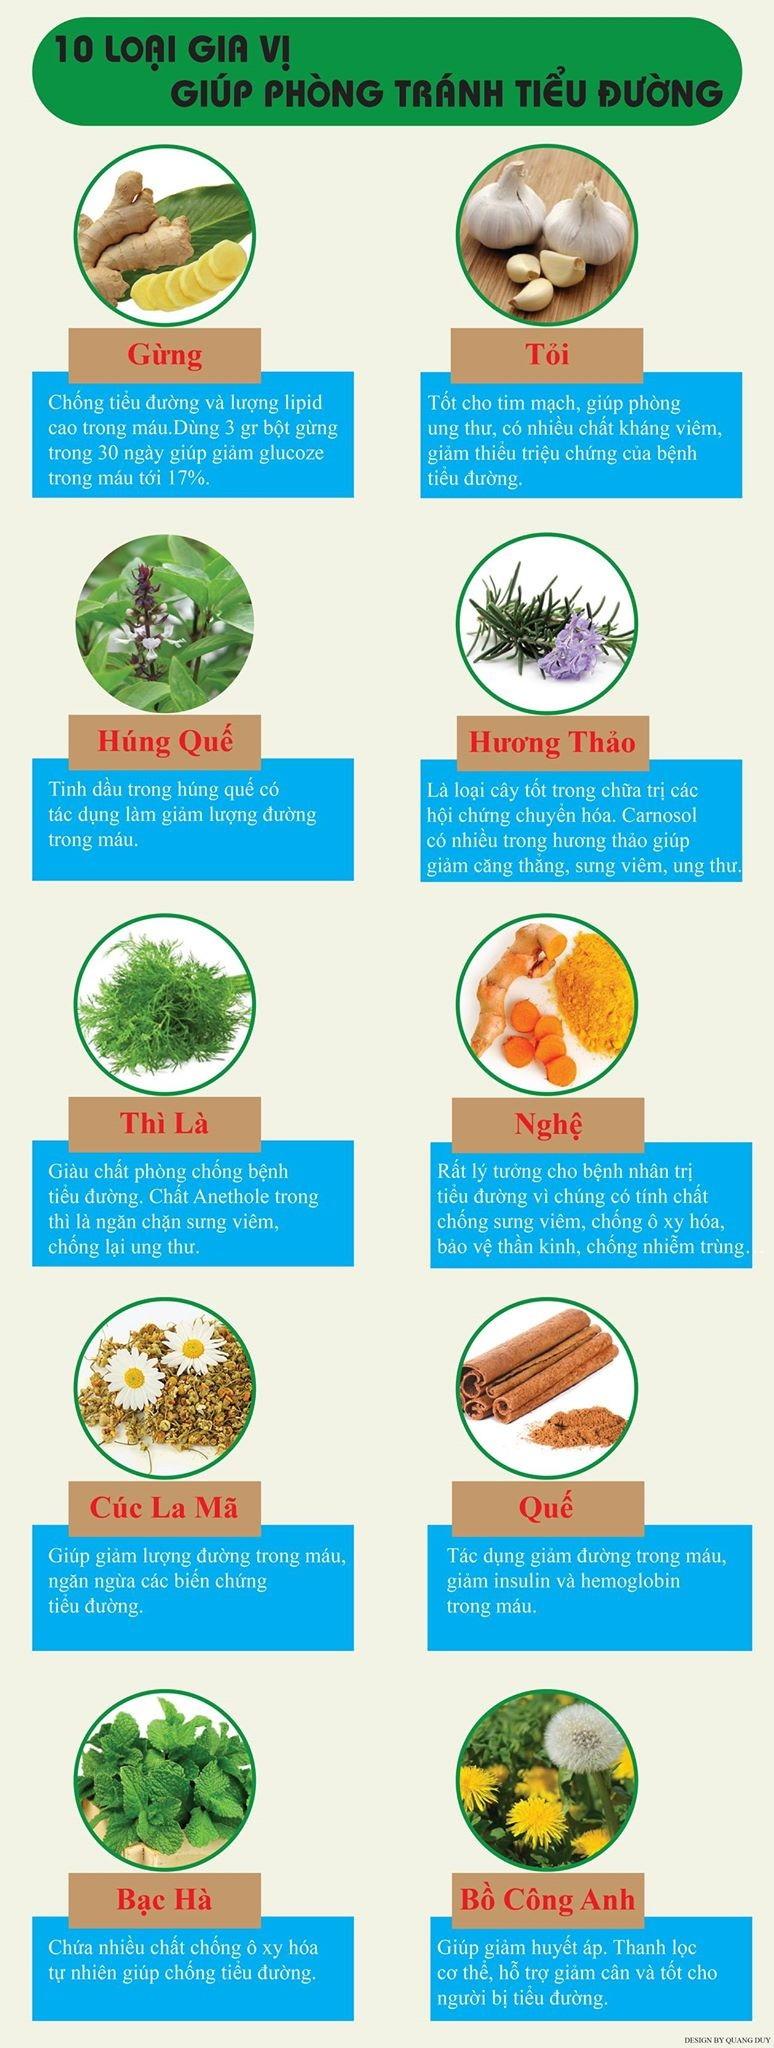 Infographic: 10 loại gia vị giúp phòng chống bệnh tiểu đường - ảnh 1